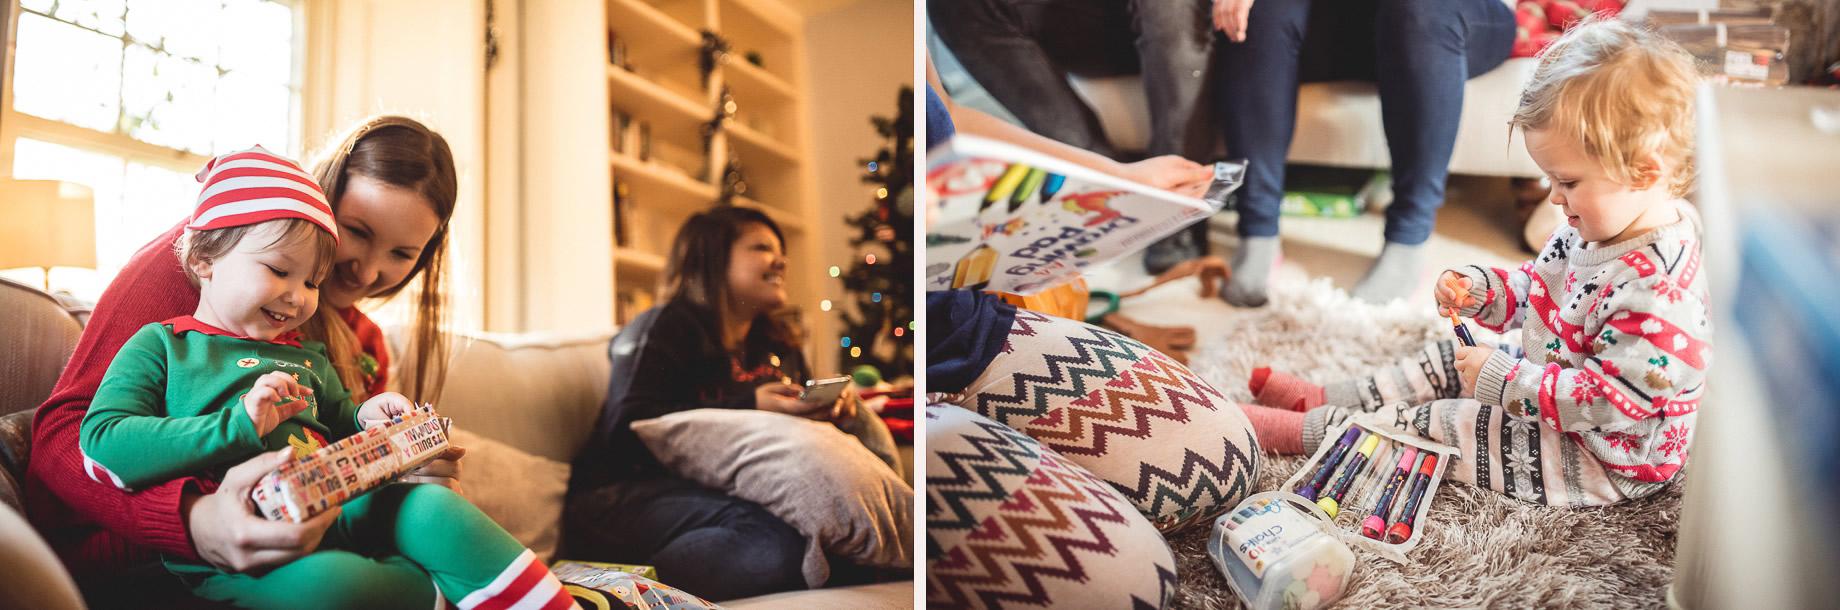 Fake Christmas 2015 019